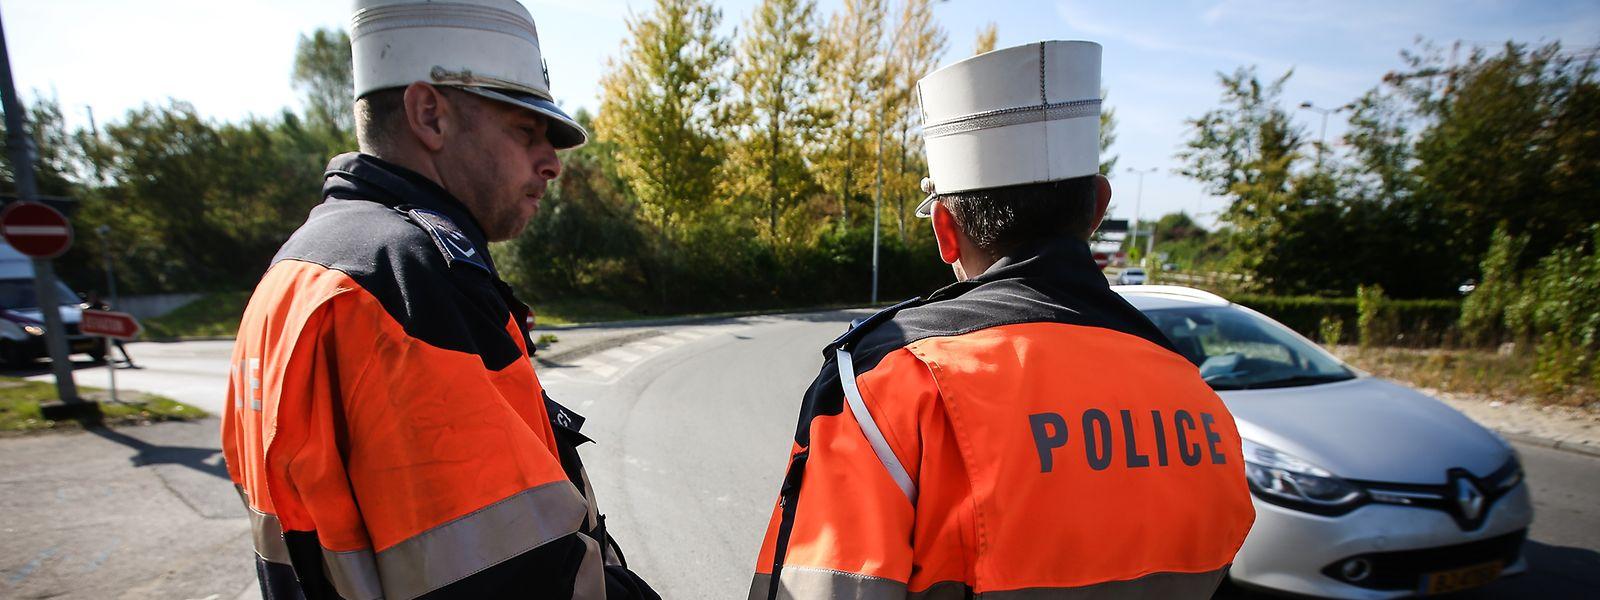 Wegen diverser Delikte wurden mehrere Verkehrsteilnehmer zu Fahrverboten und Geldstrafen verurteilt.